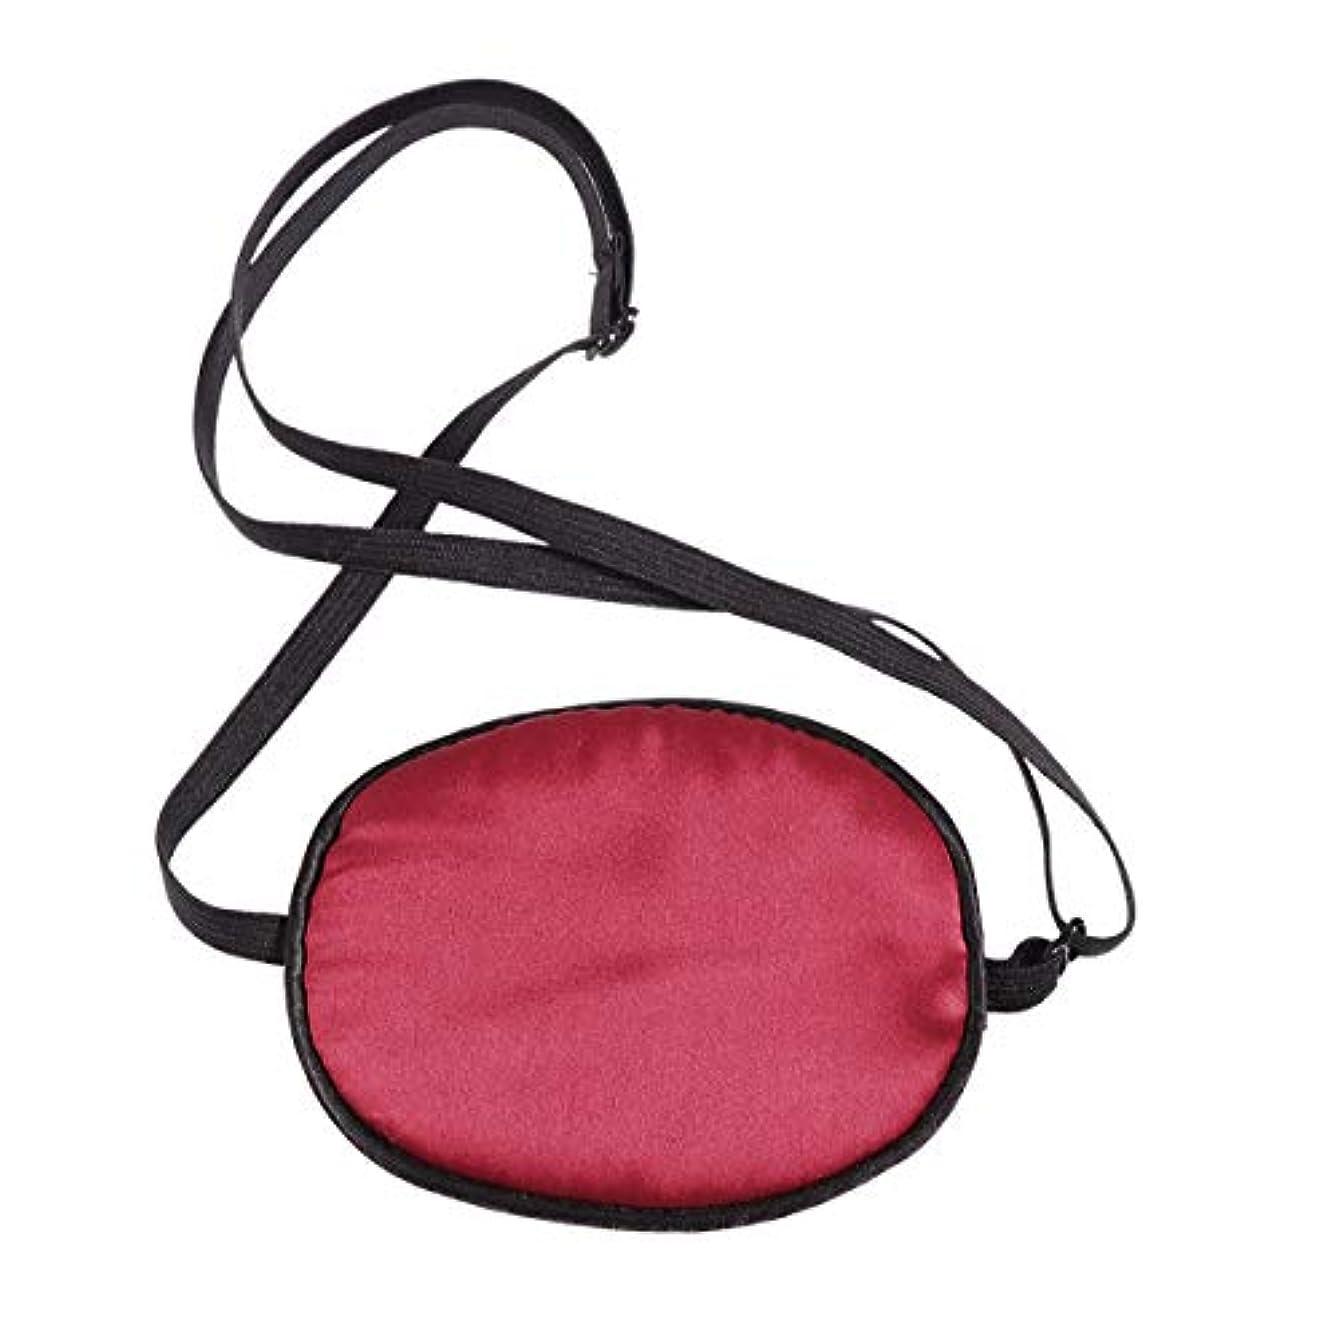 頬追う熟読HEALIFTY 睡眠の目隠し調節可能な絹の海賊目のパッチ子供の弱視のためのソフトで快適な単一の目のマスク正面の怠惰な目